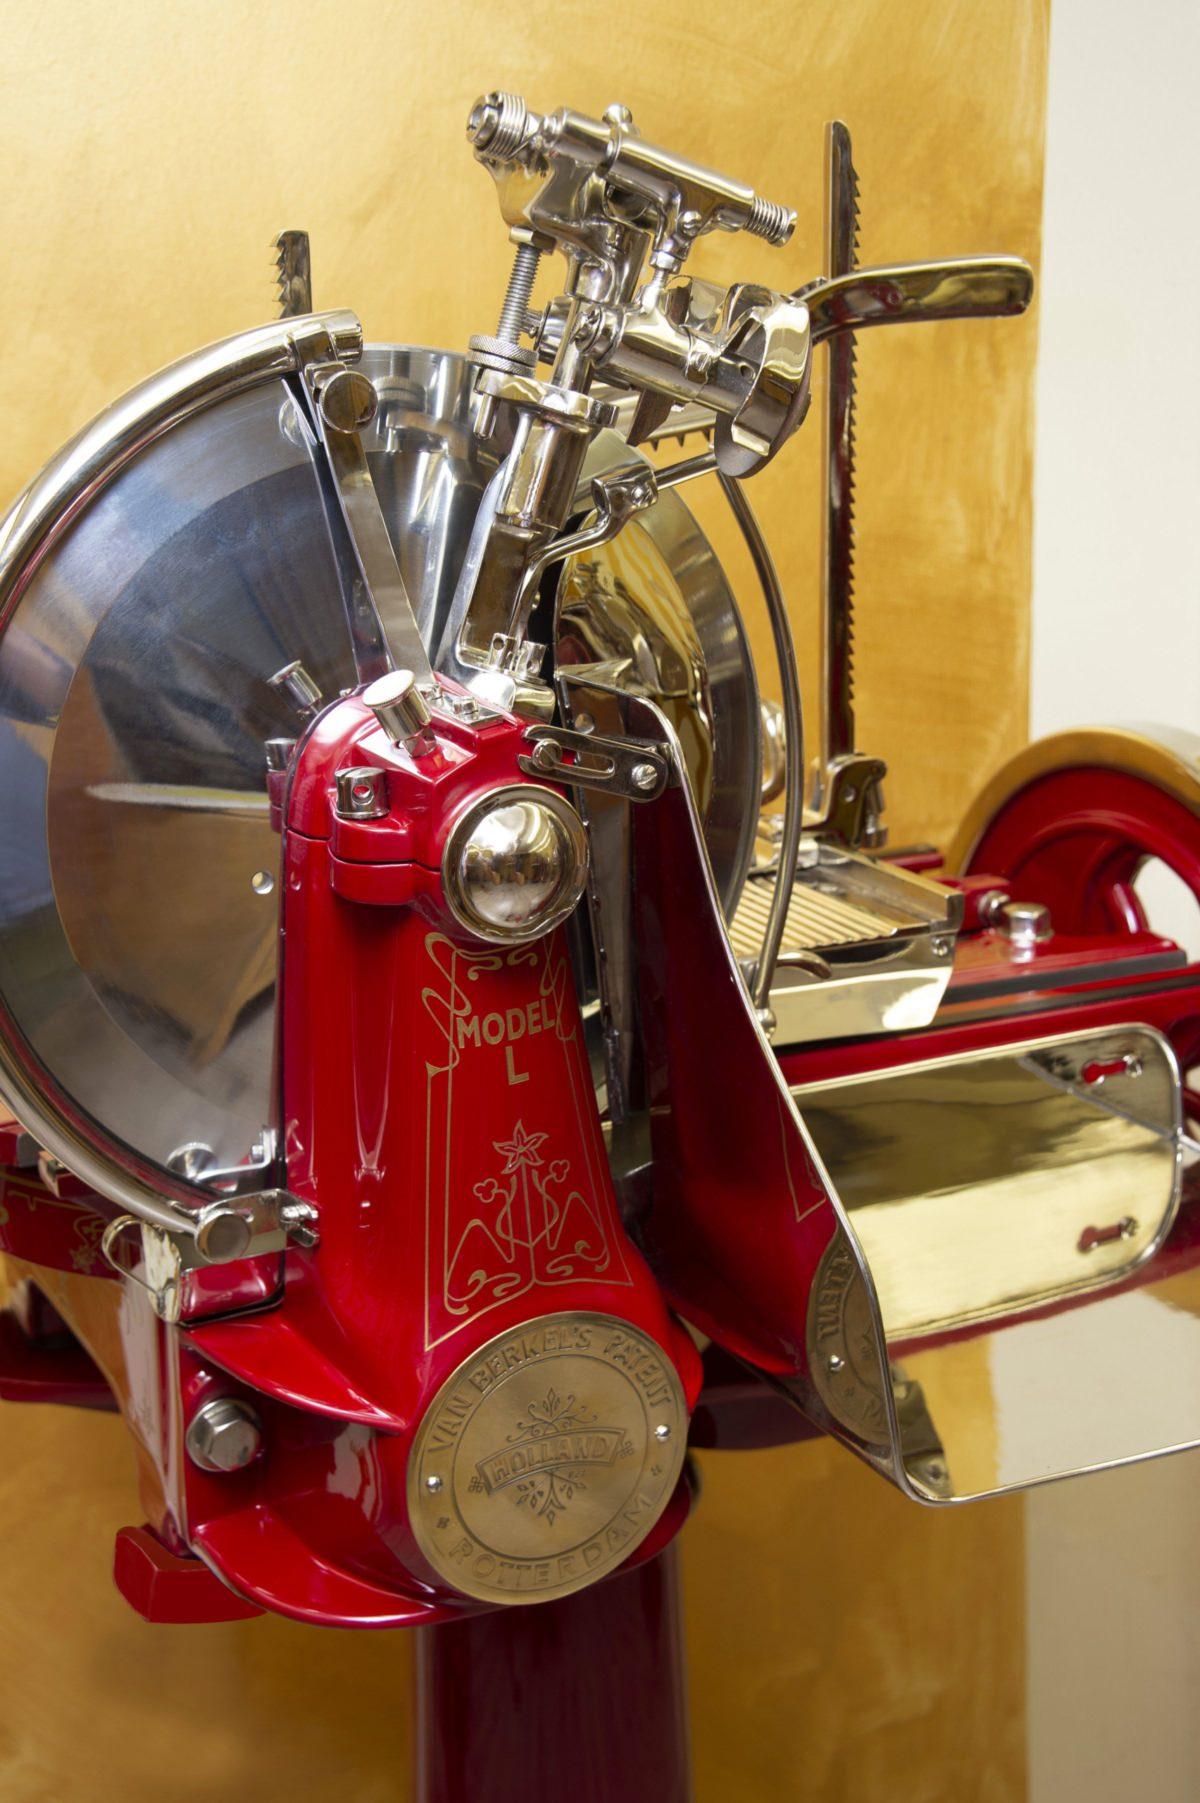 Berkel slicing machine model L